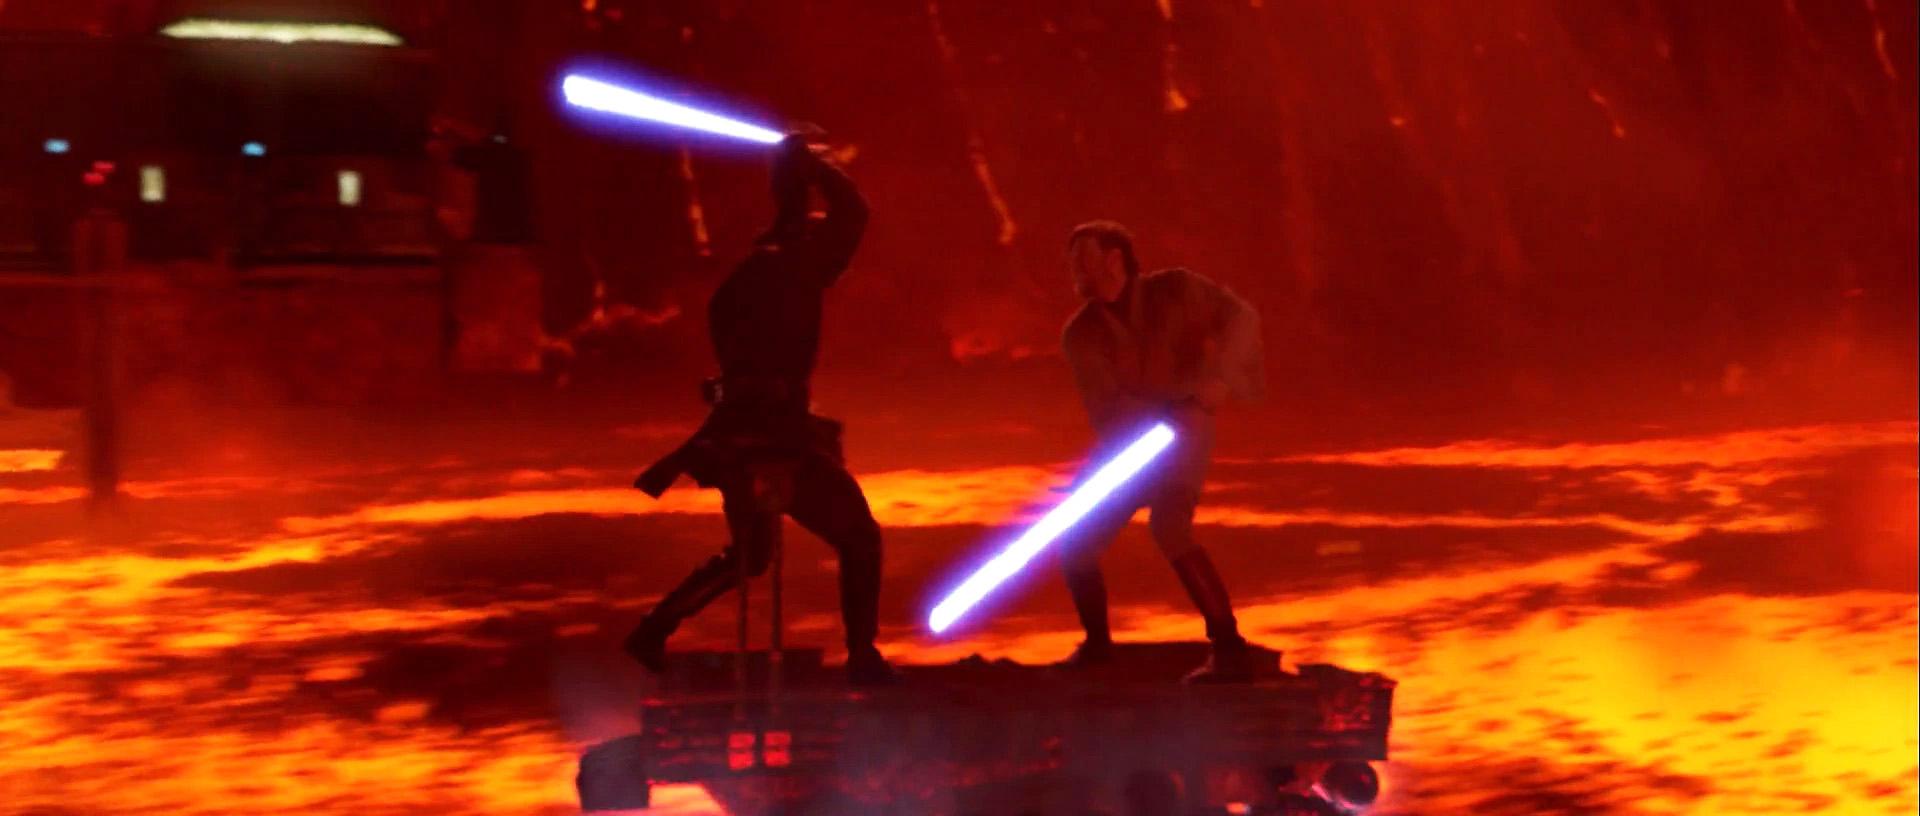 Obi Wan vs Anakin Wallpaper - WallpaperSafari